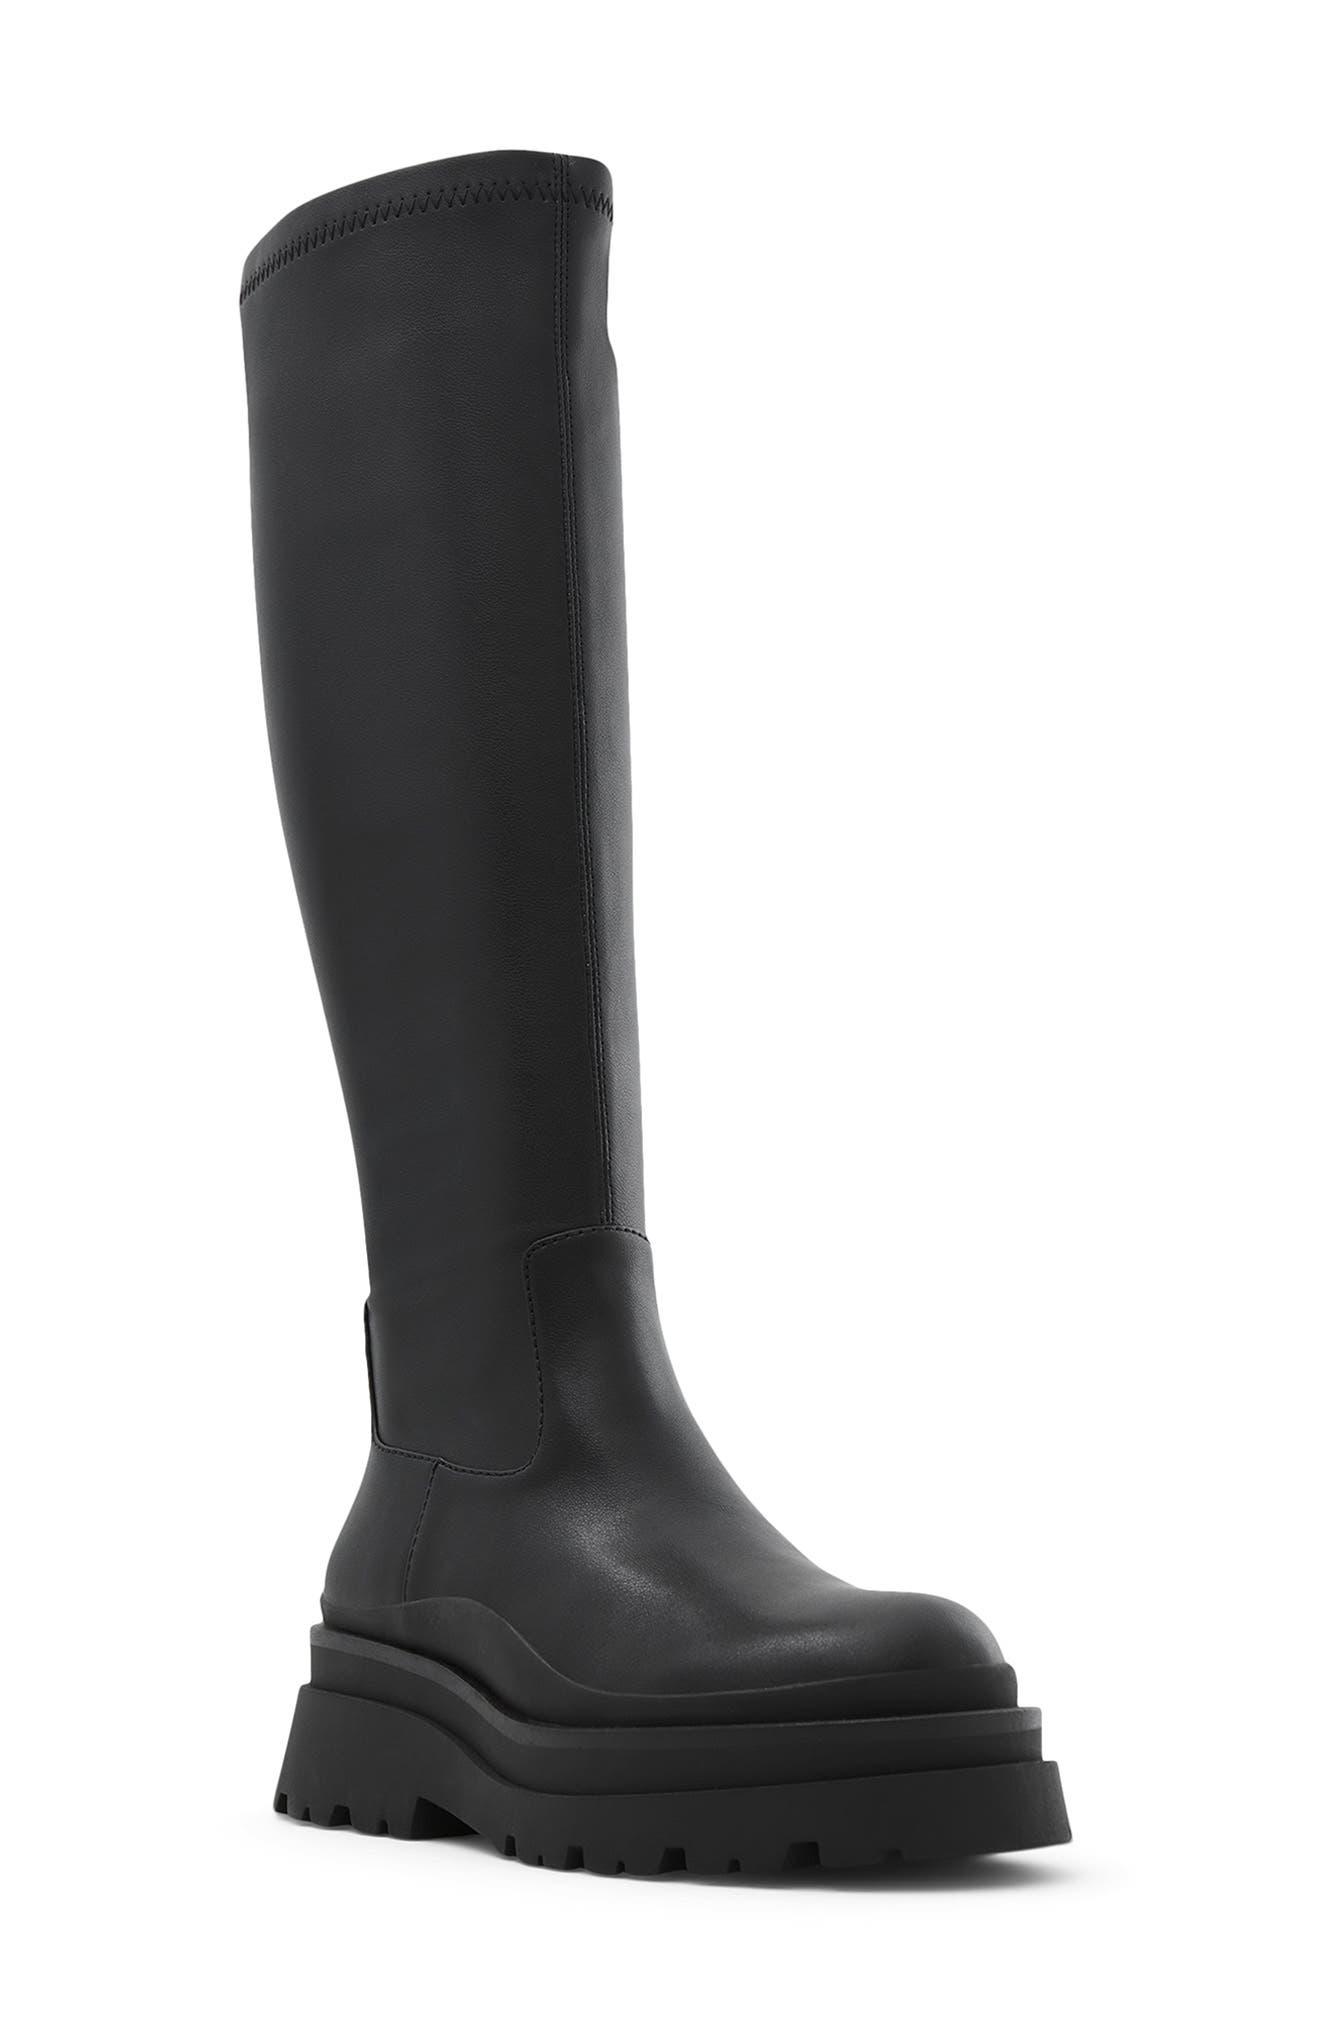 Majorr Knee High Boot